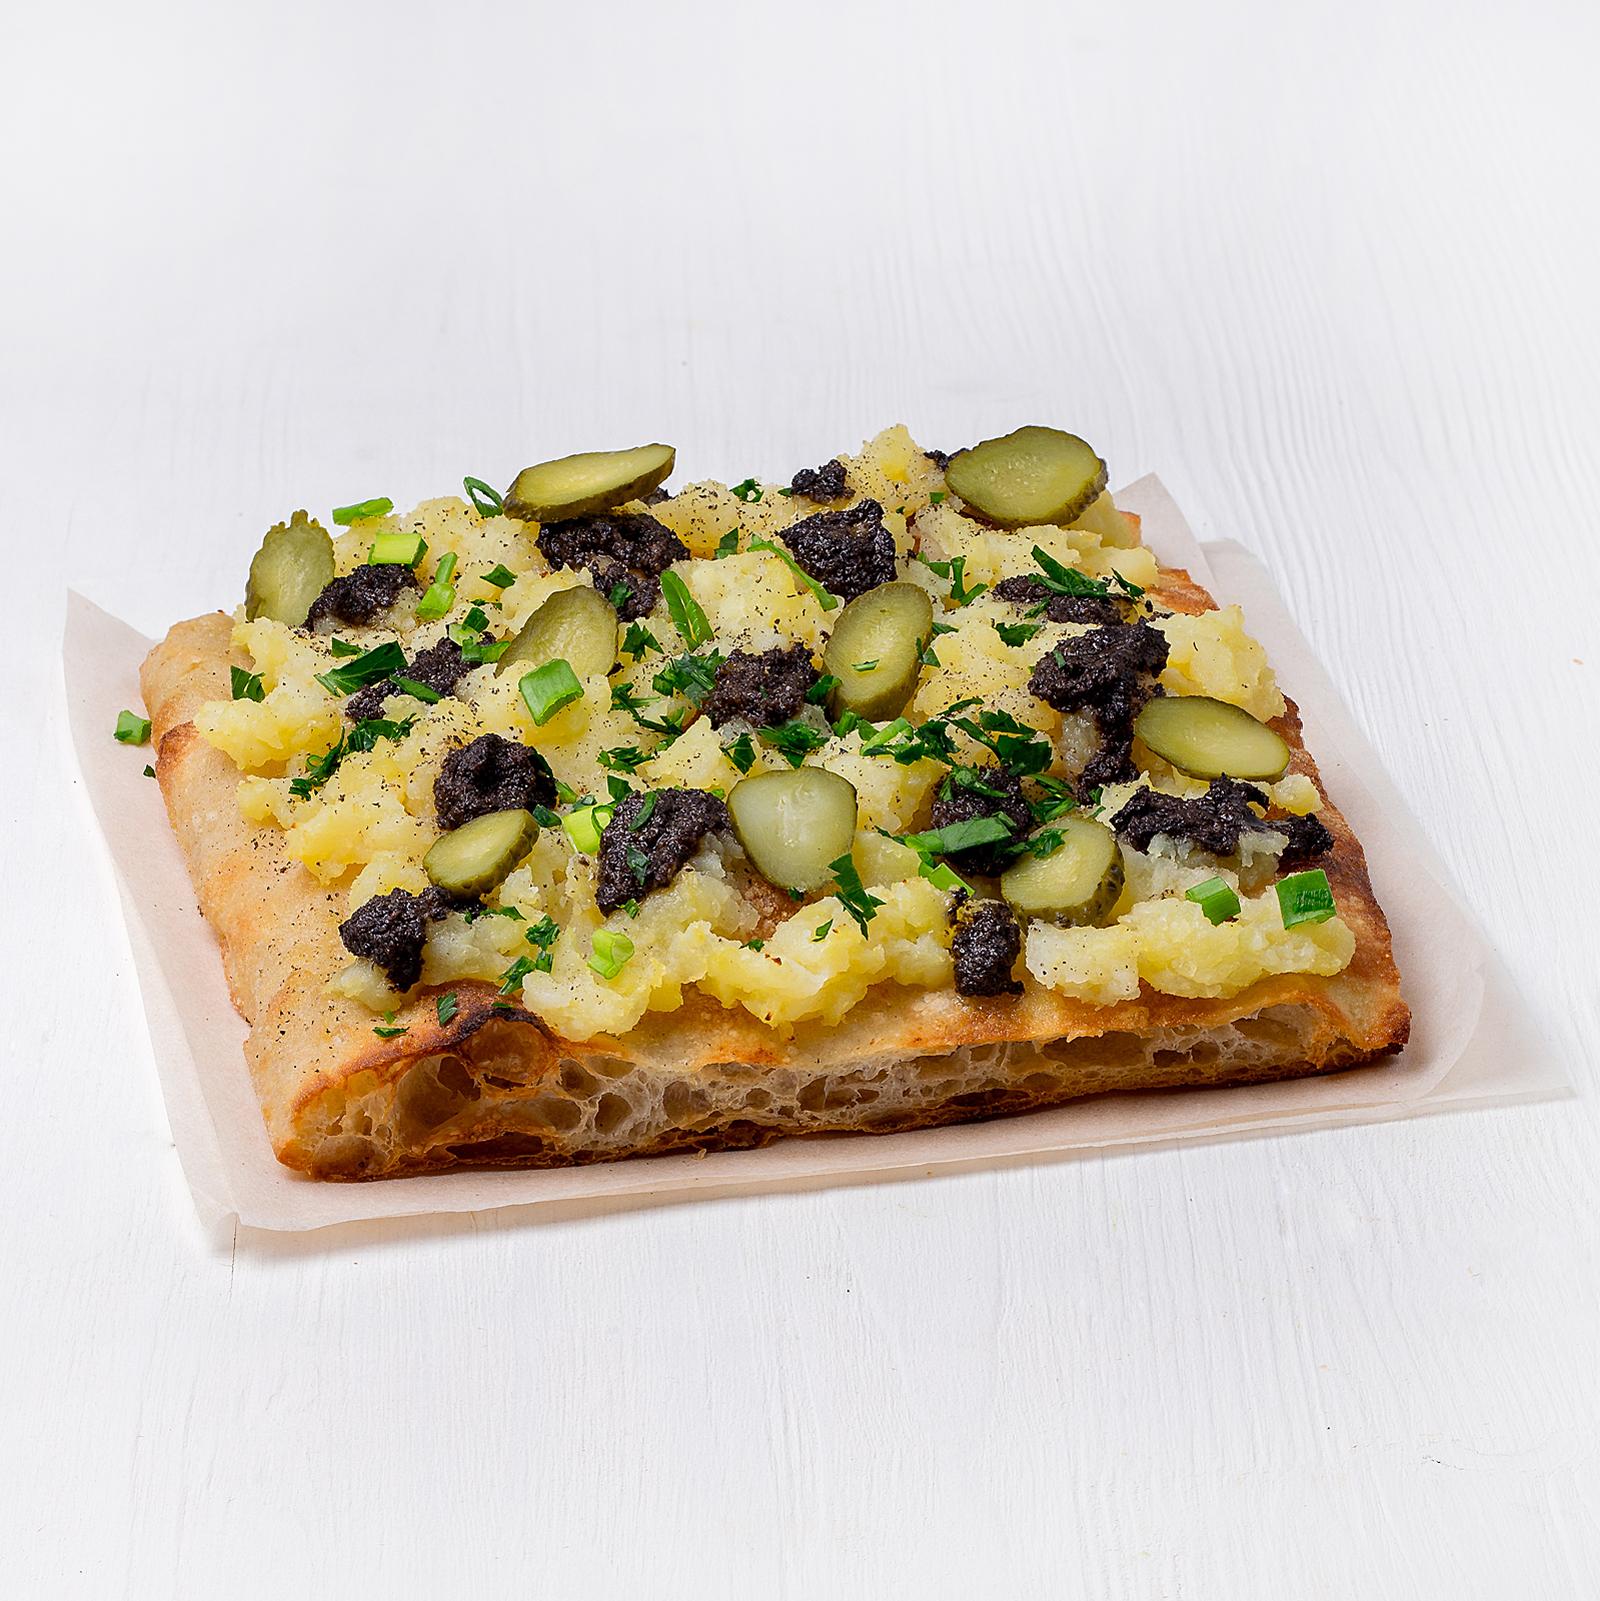 Веганская пицца с картофелем и икрой из оливок